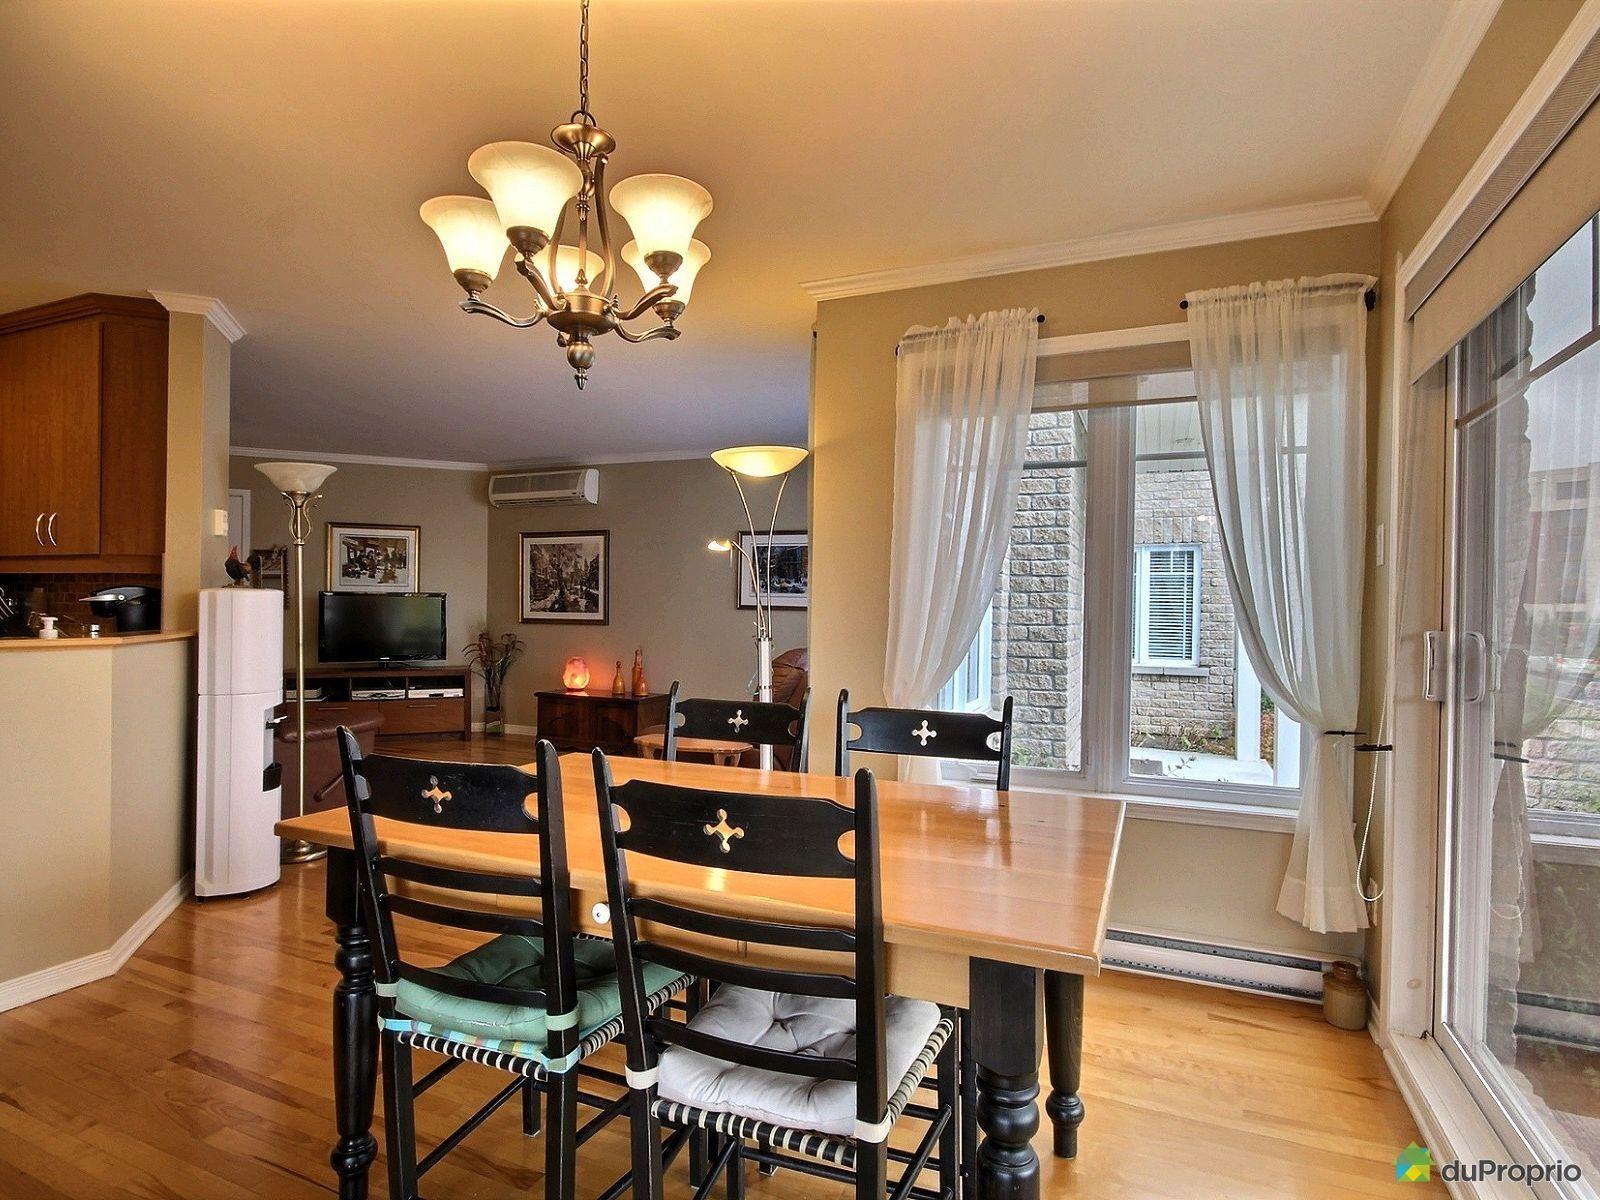 hall d 39 entr e ferm vaste salon ouvert sur salle manger cuisine et verri re cuisine pratique. Black Bedroom Furniture Sets. Home Design Ideas